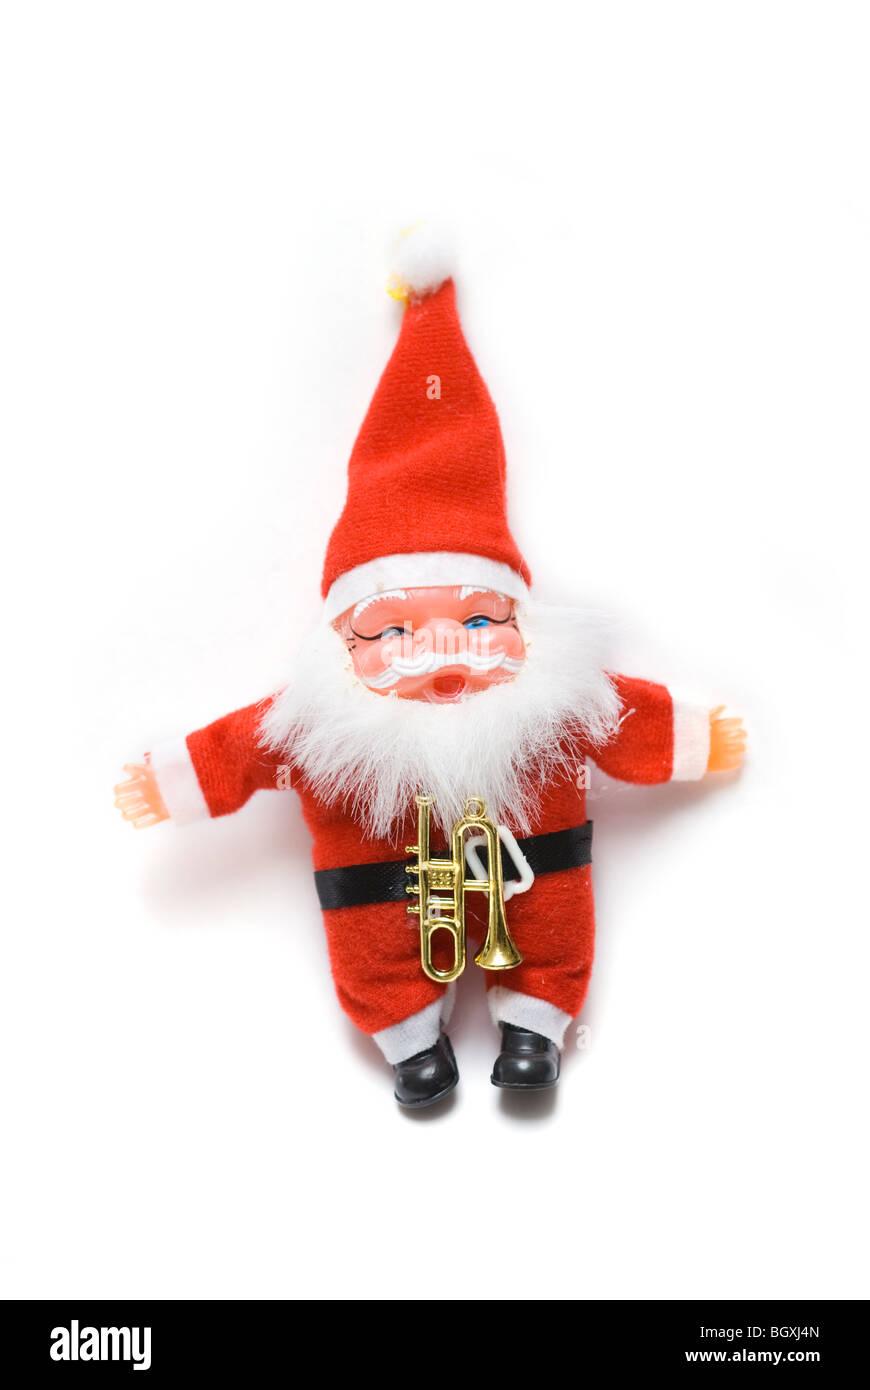 Santa Claus isoliert auf weißem Hintergrund Stockbild